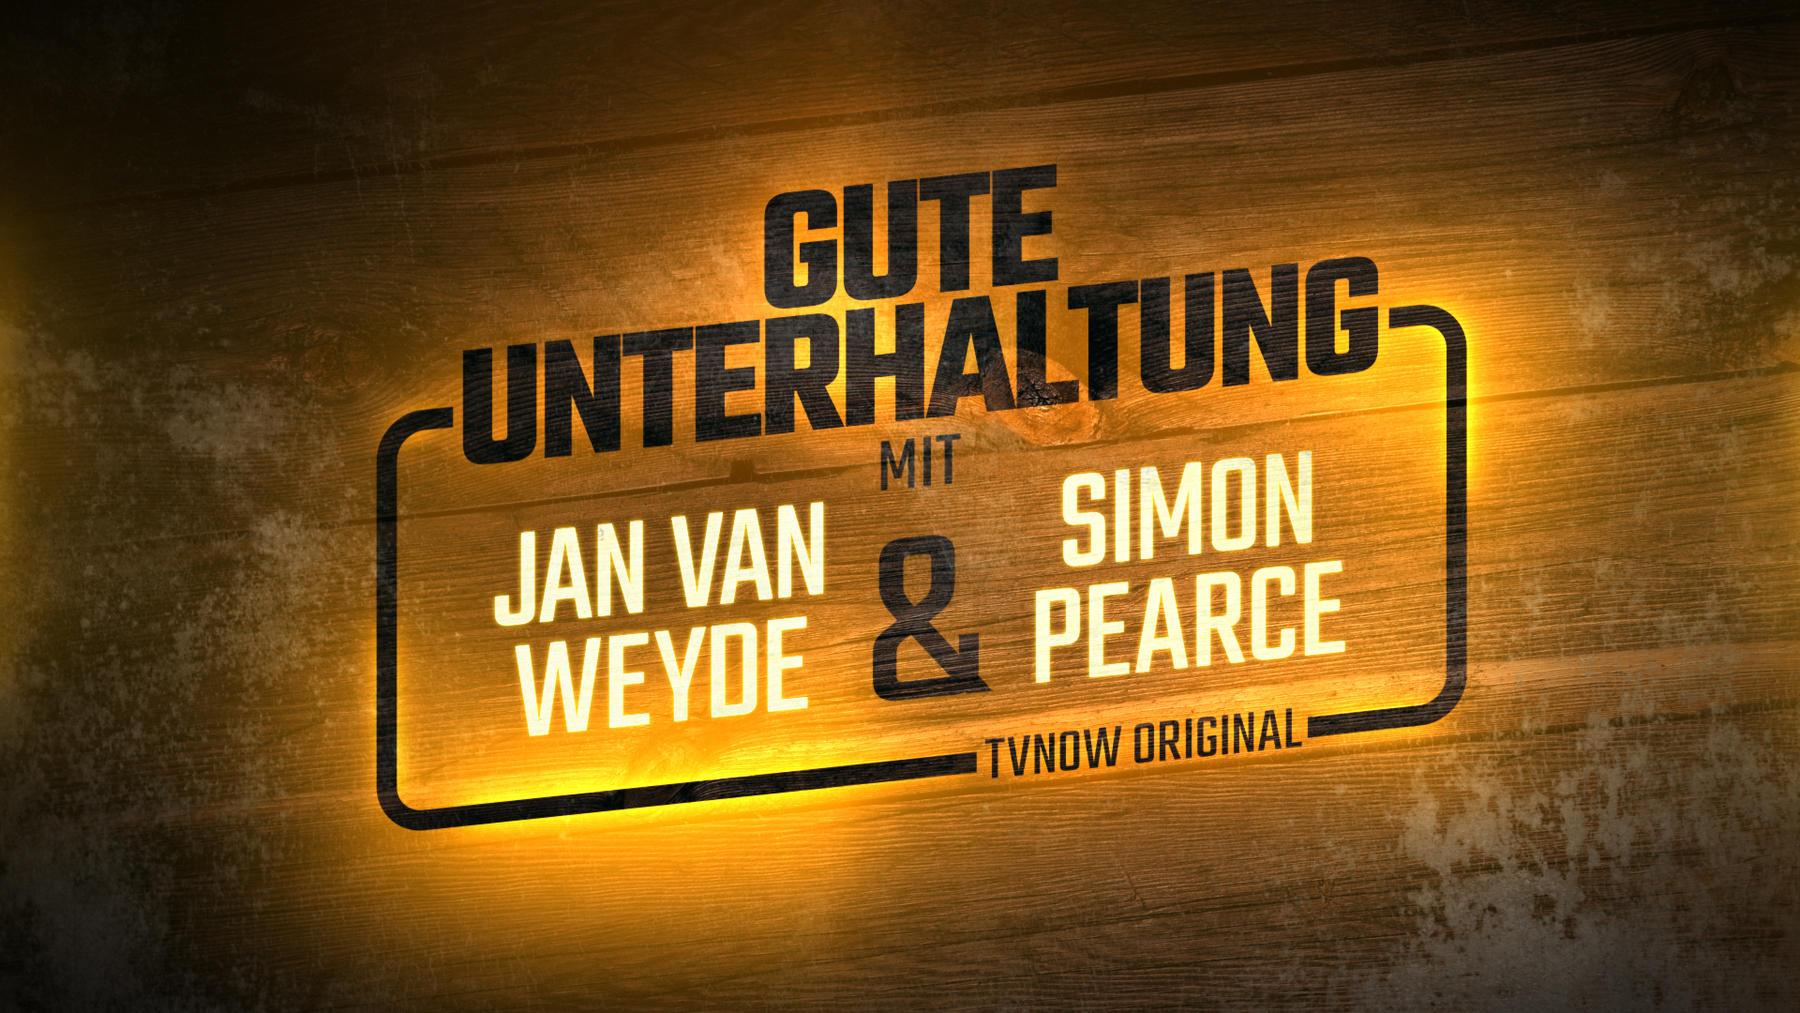 Gute Unterhaltung – mit Jan van Weyde und Simon Pearce